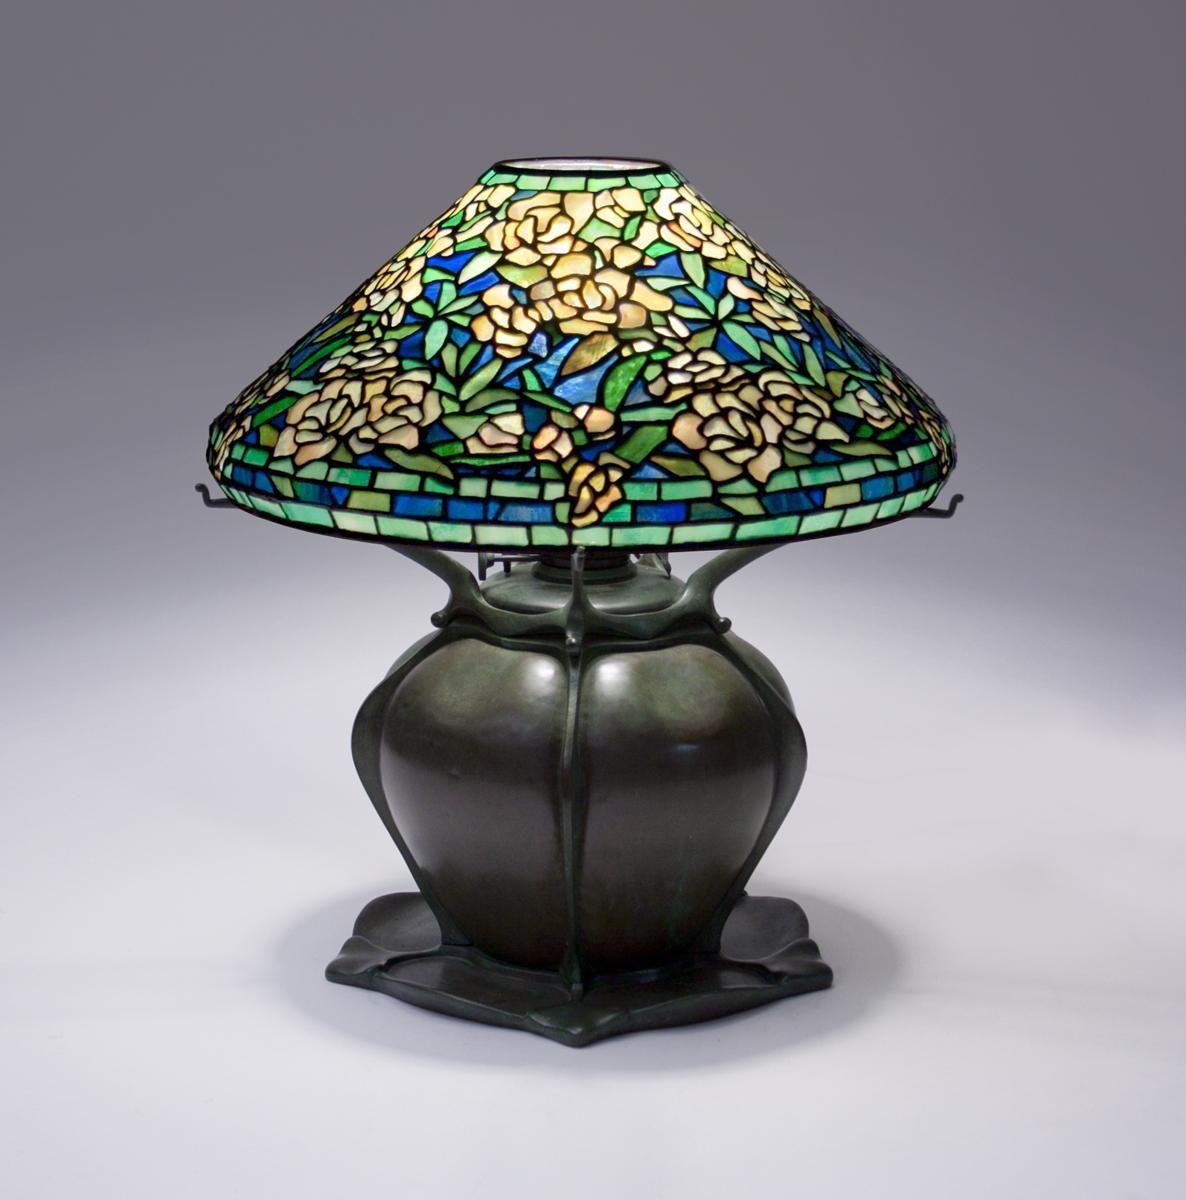 Tiffany Studios Lamps   Catalogue   Lillian Nassau LLC